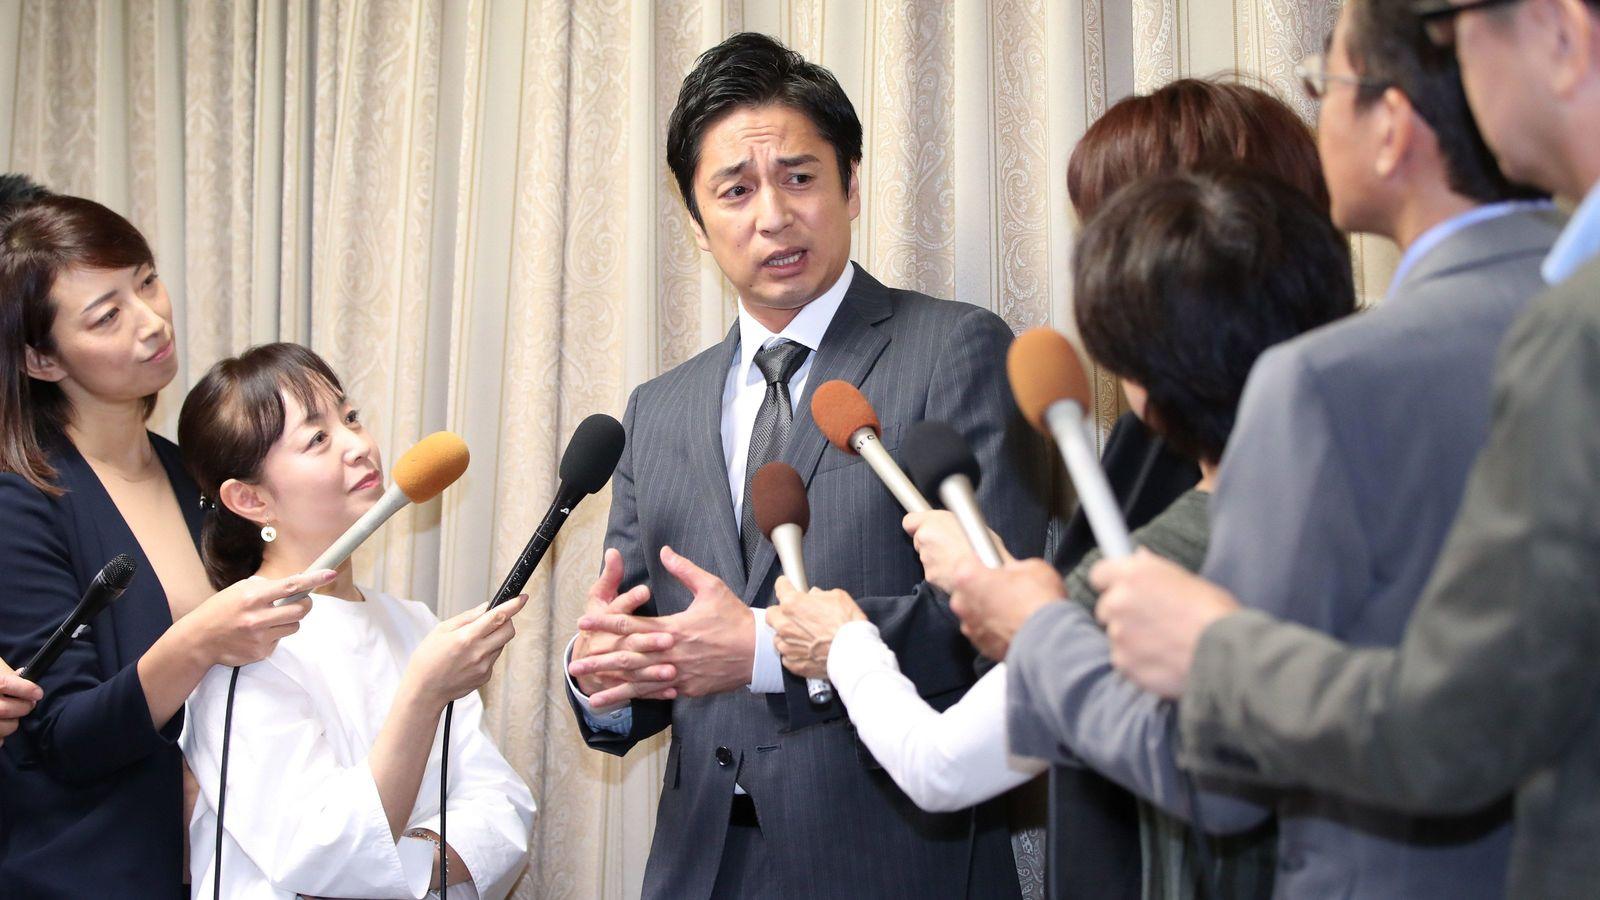 チュート徳井再起の道は「国税庁の広報大使」だ 反面教師として公平課税の伝道師に